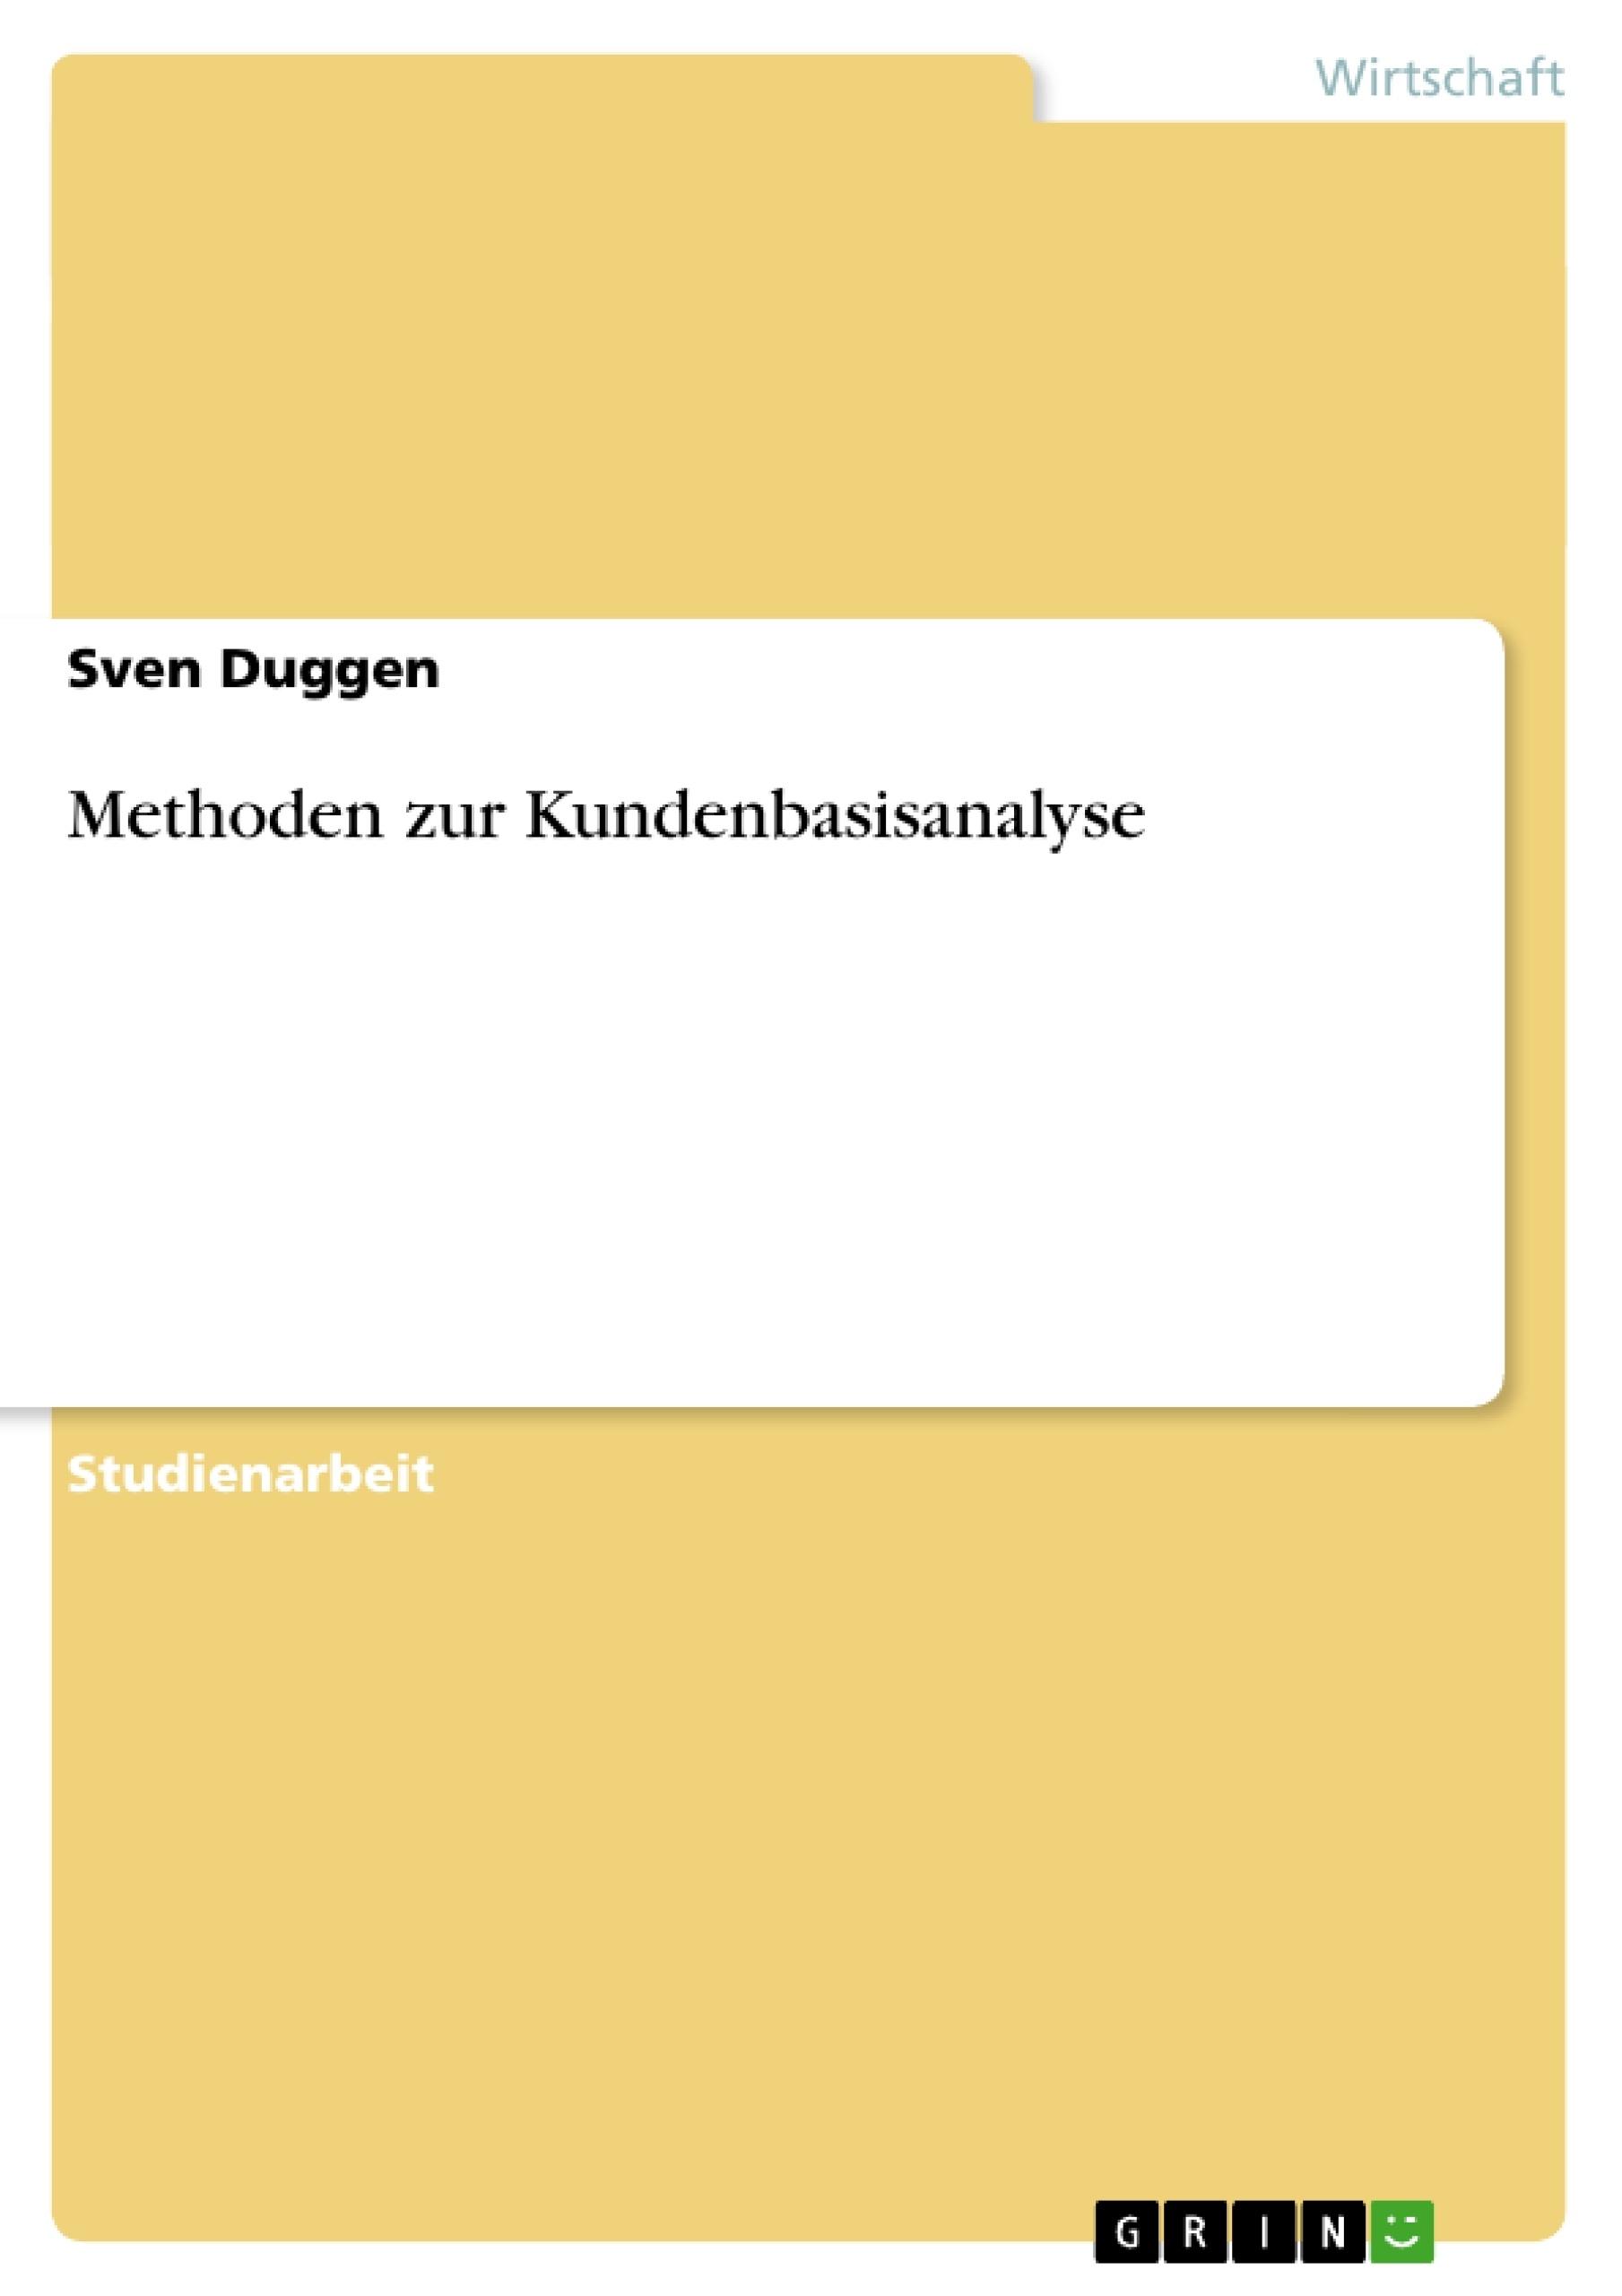 Titel: Methoden zur Kundenbasisanalyse